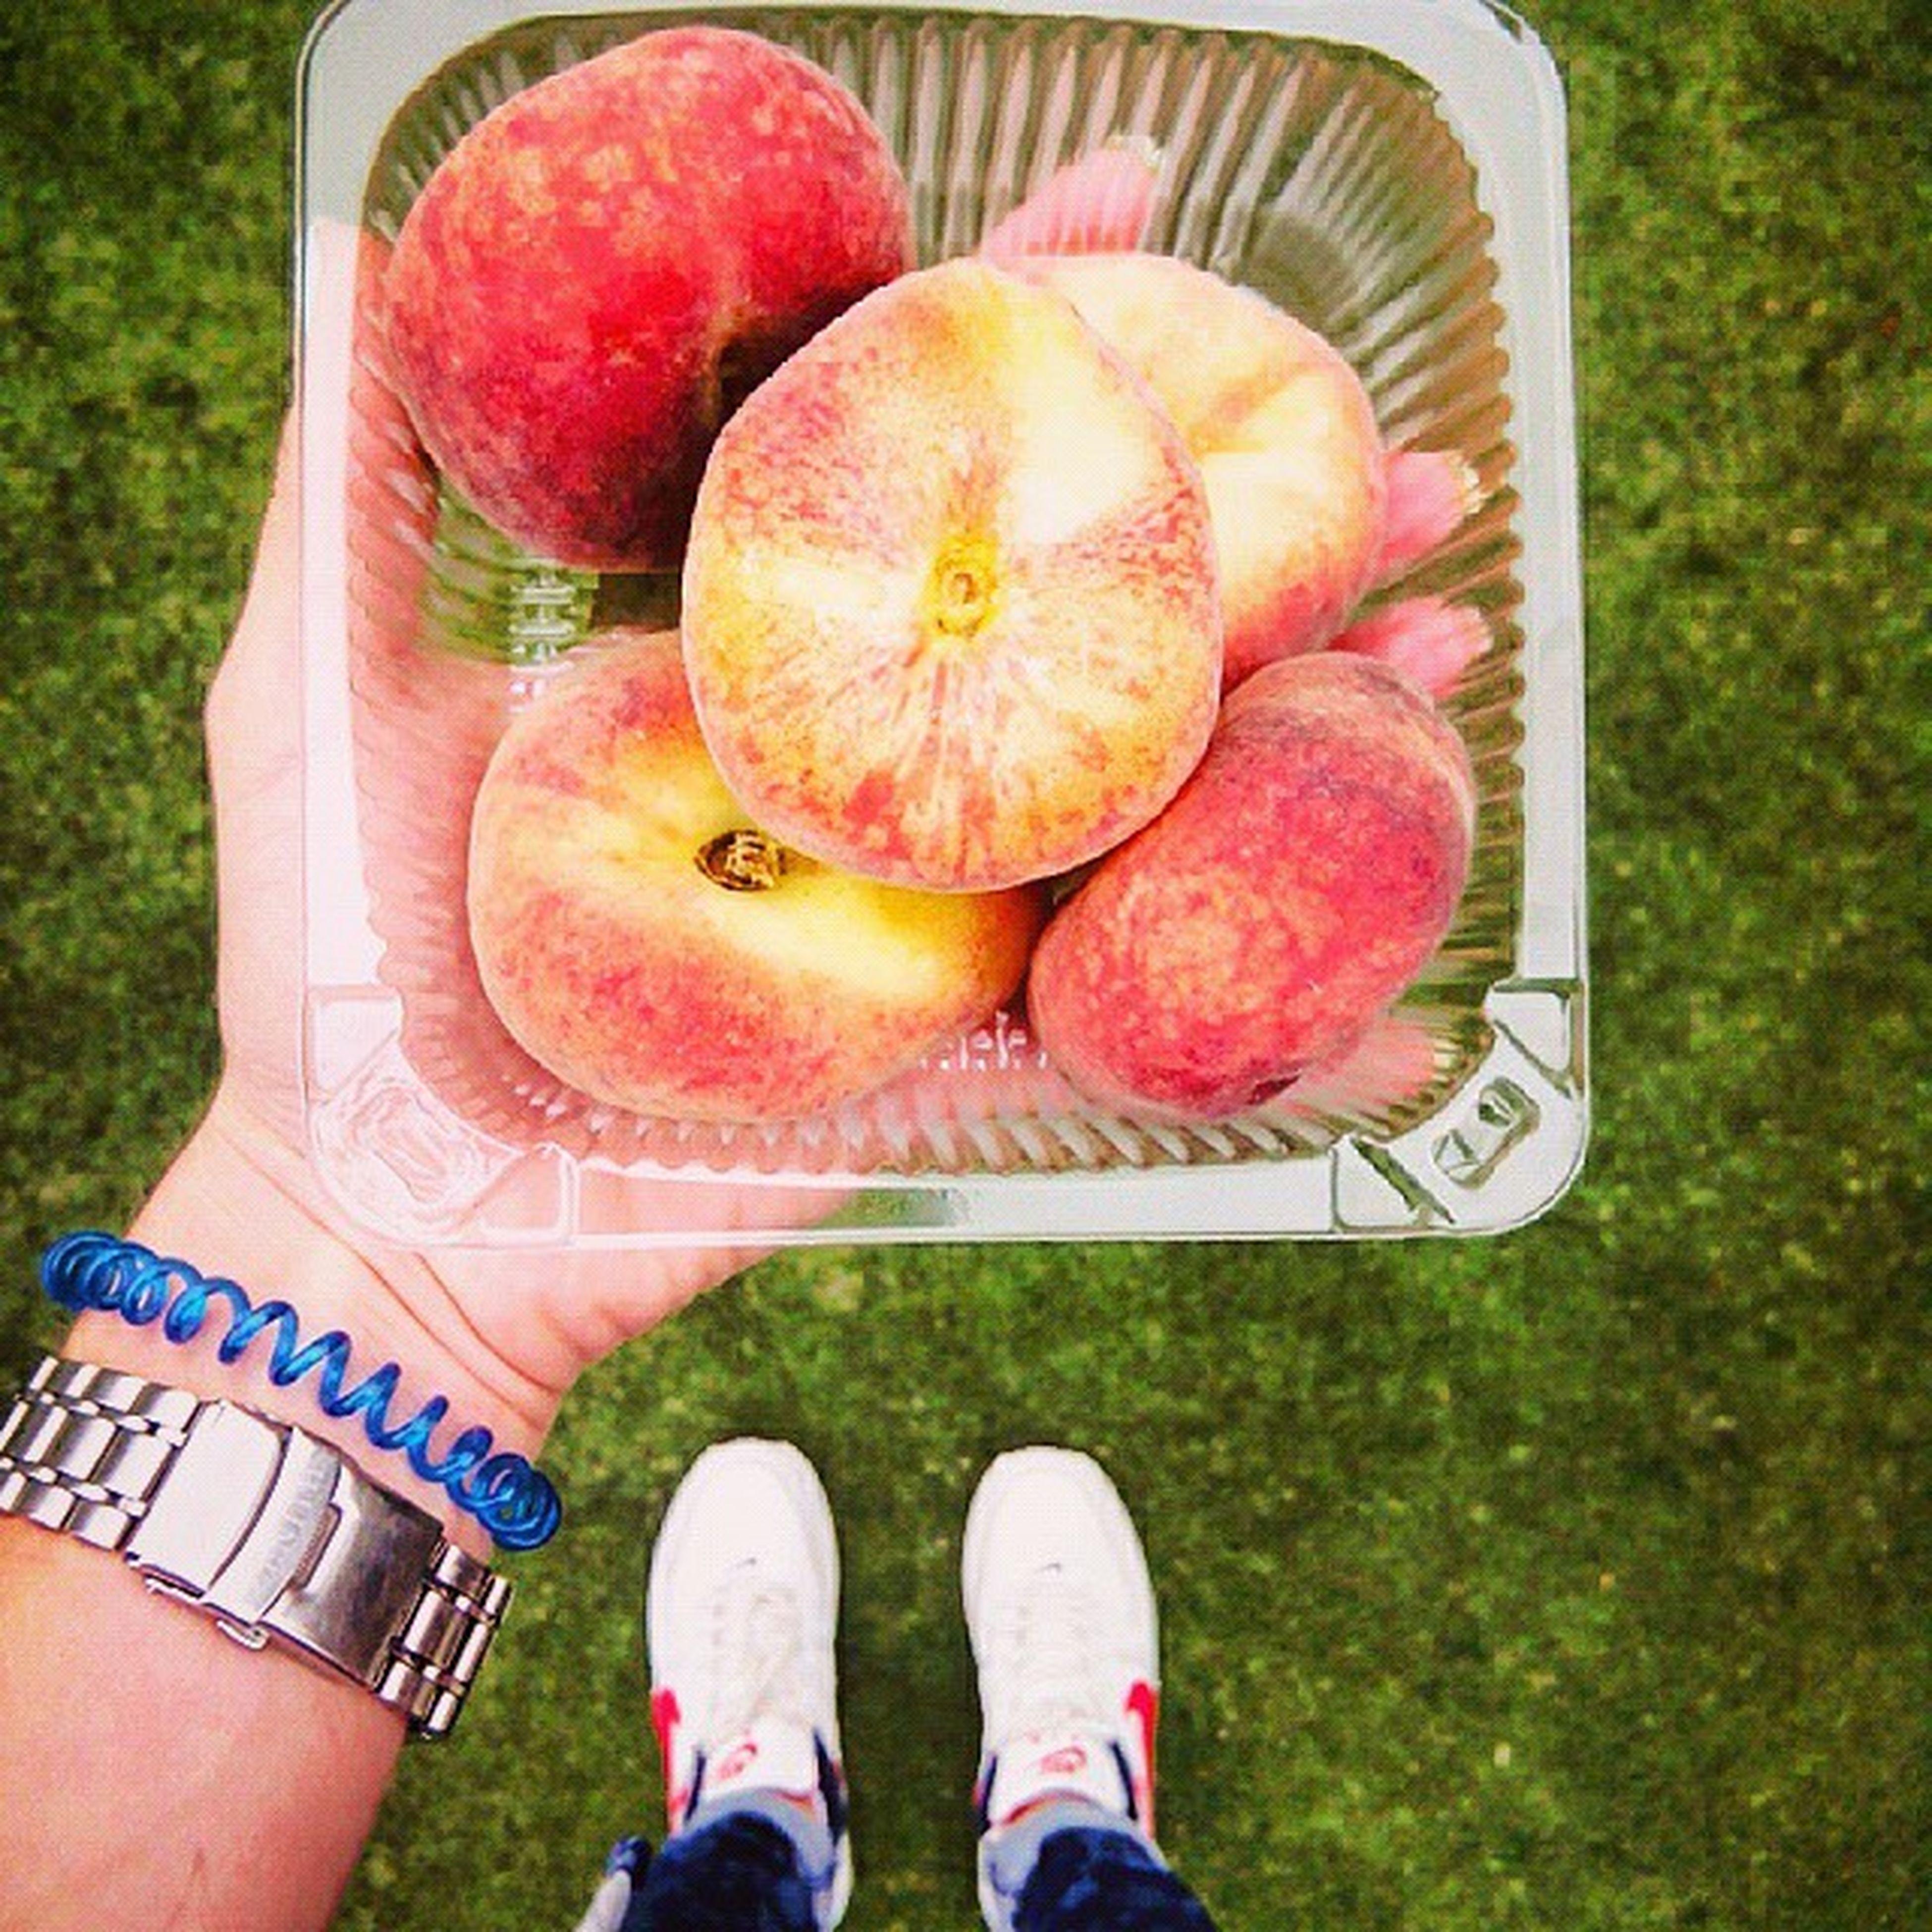 Что нужно для счастья? -Персик(инжир)🍑💛 пикник зелень  фрукты Жизнь в ярких тонах полезное Лето2015 персик инжир